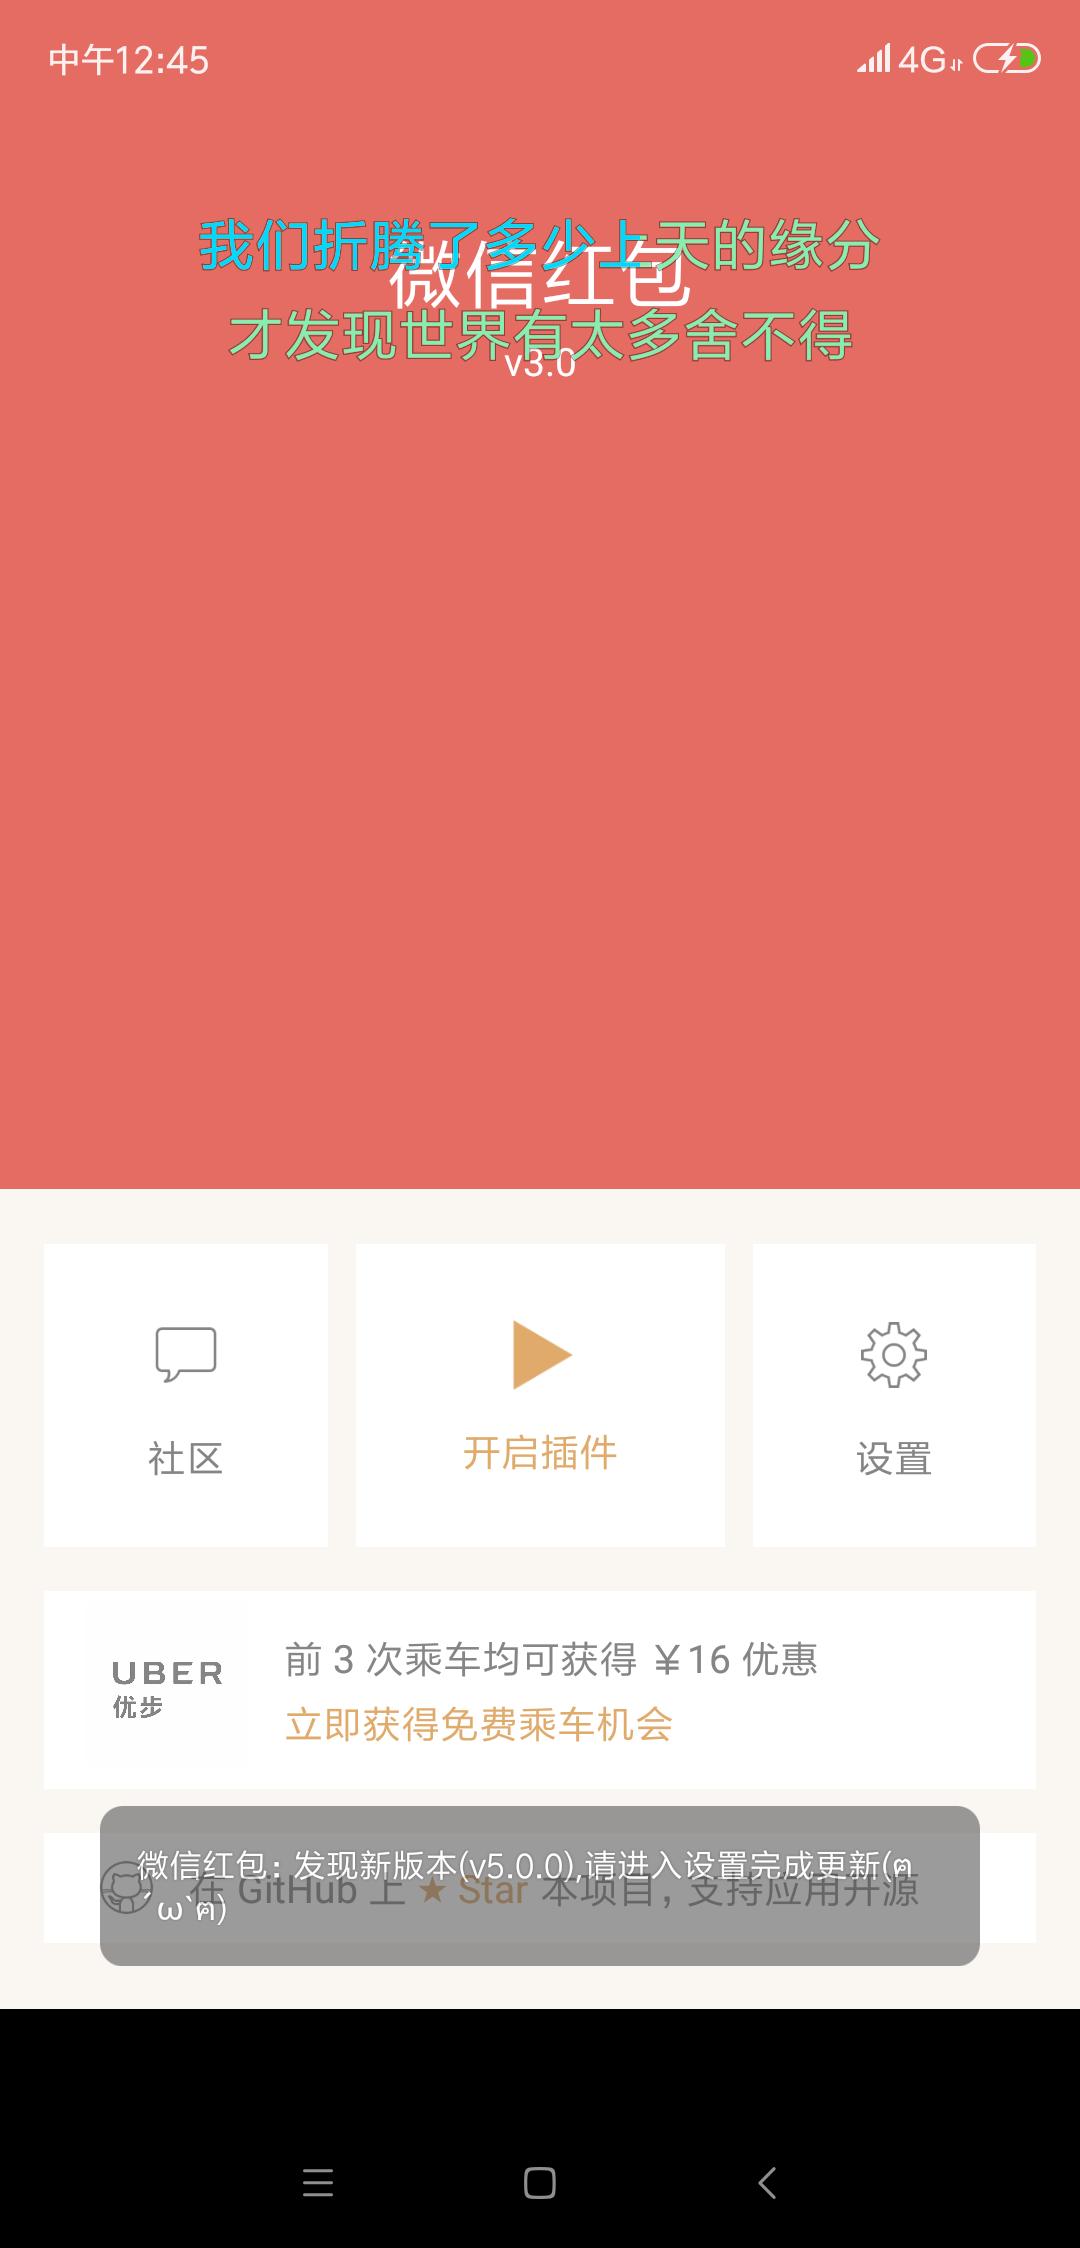 【分享】微信抢红包 多功能(全自动秒抢)